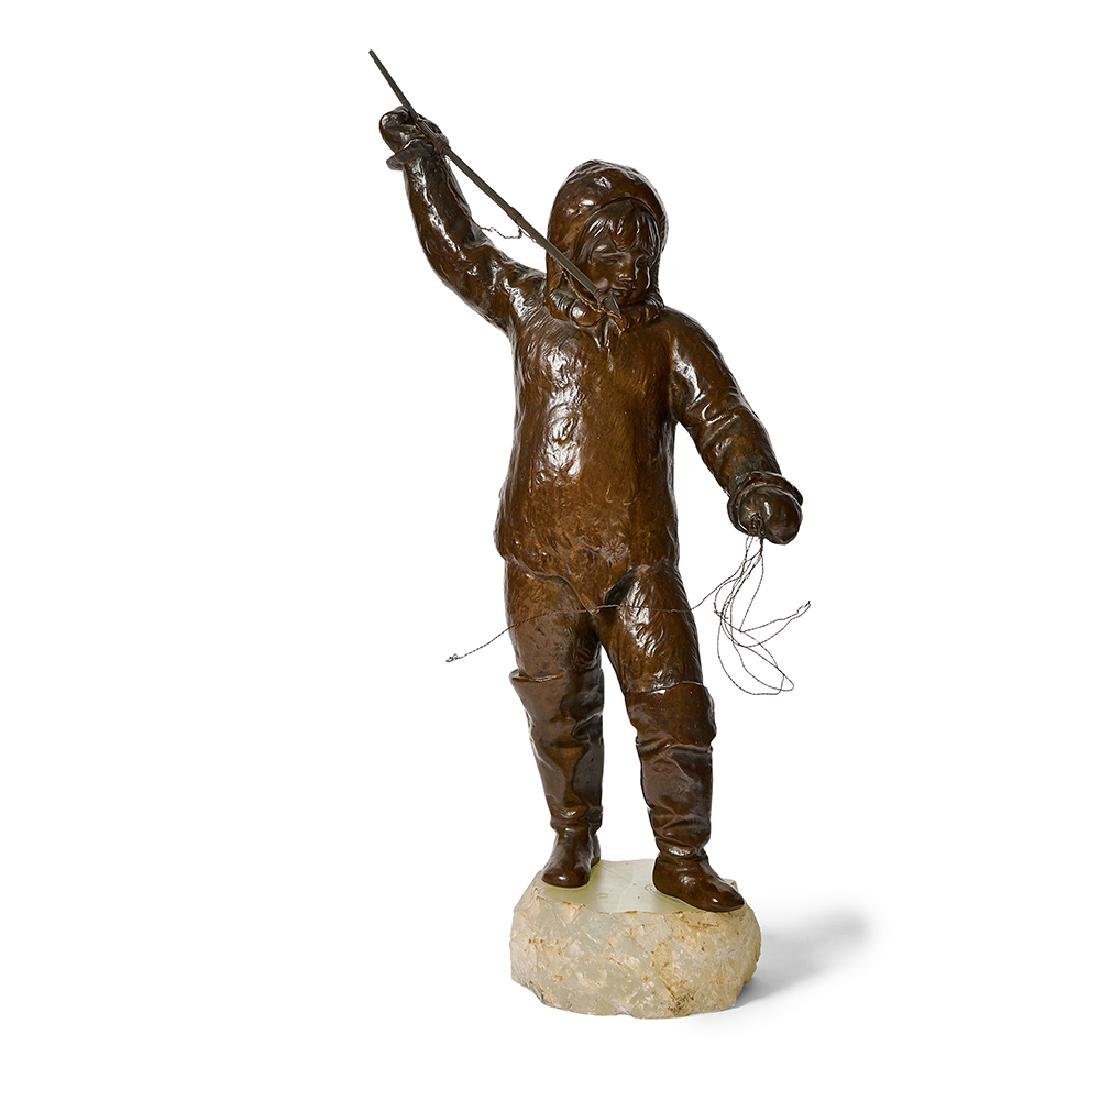 Artist Unknown, Eskimo Boy with Harpoon